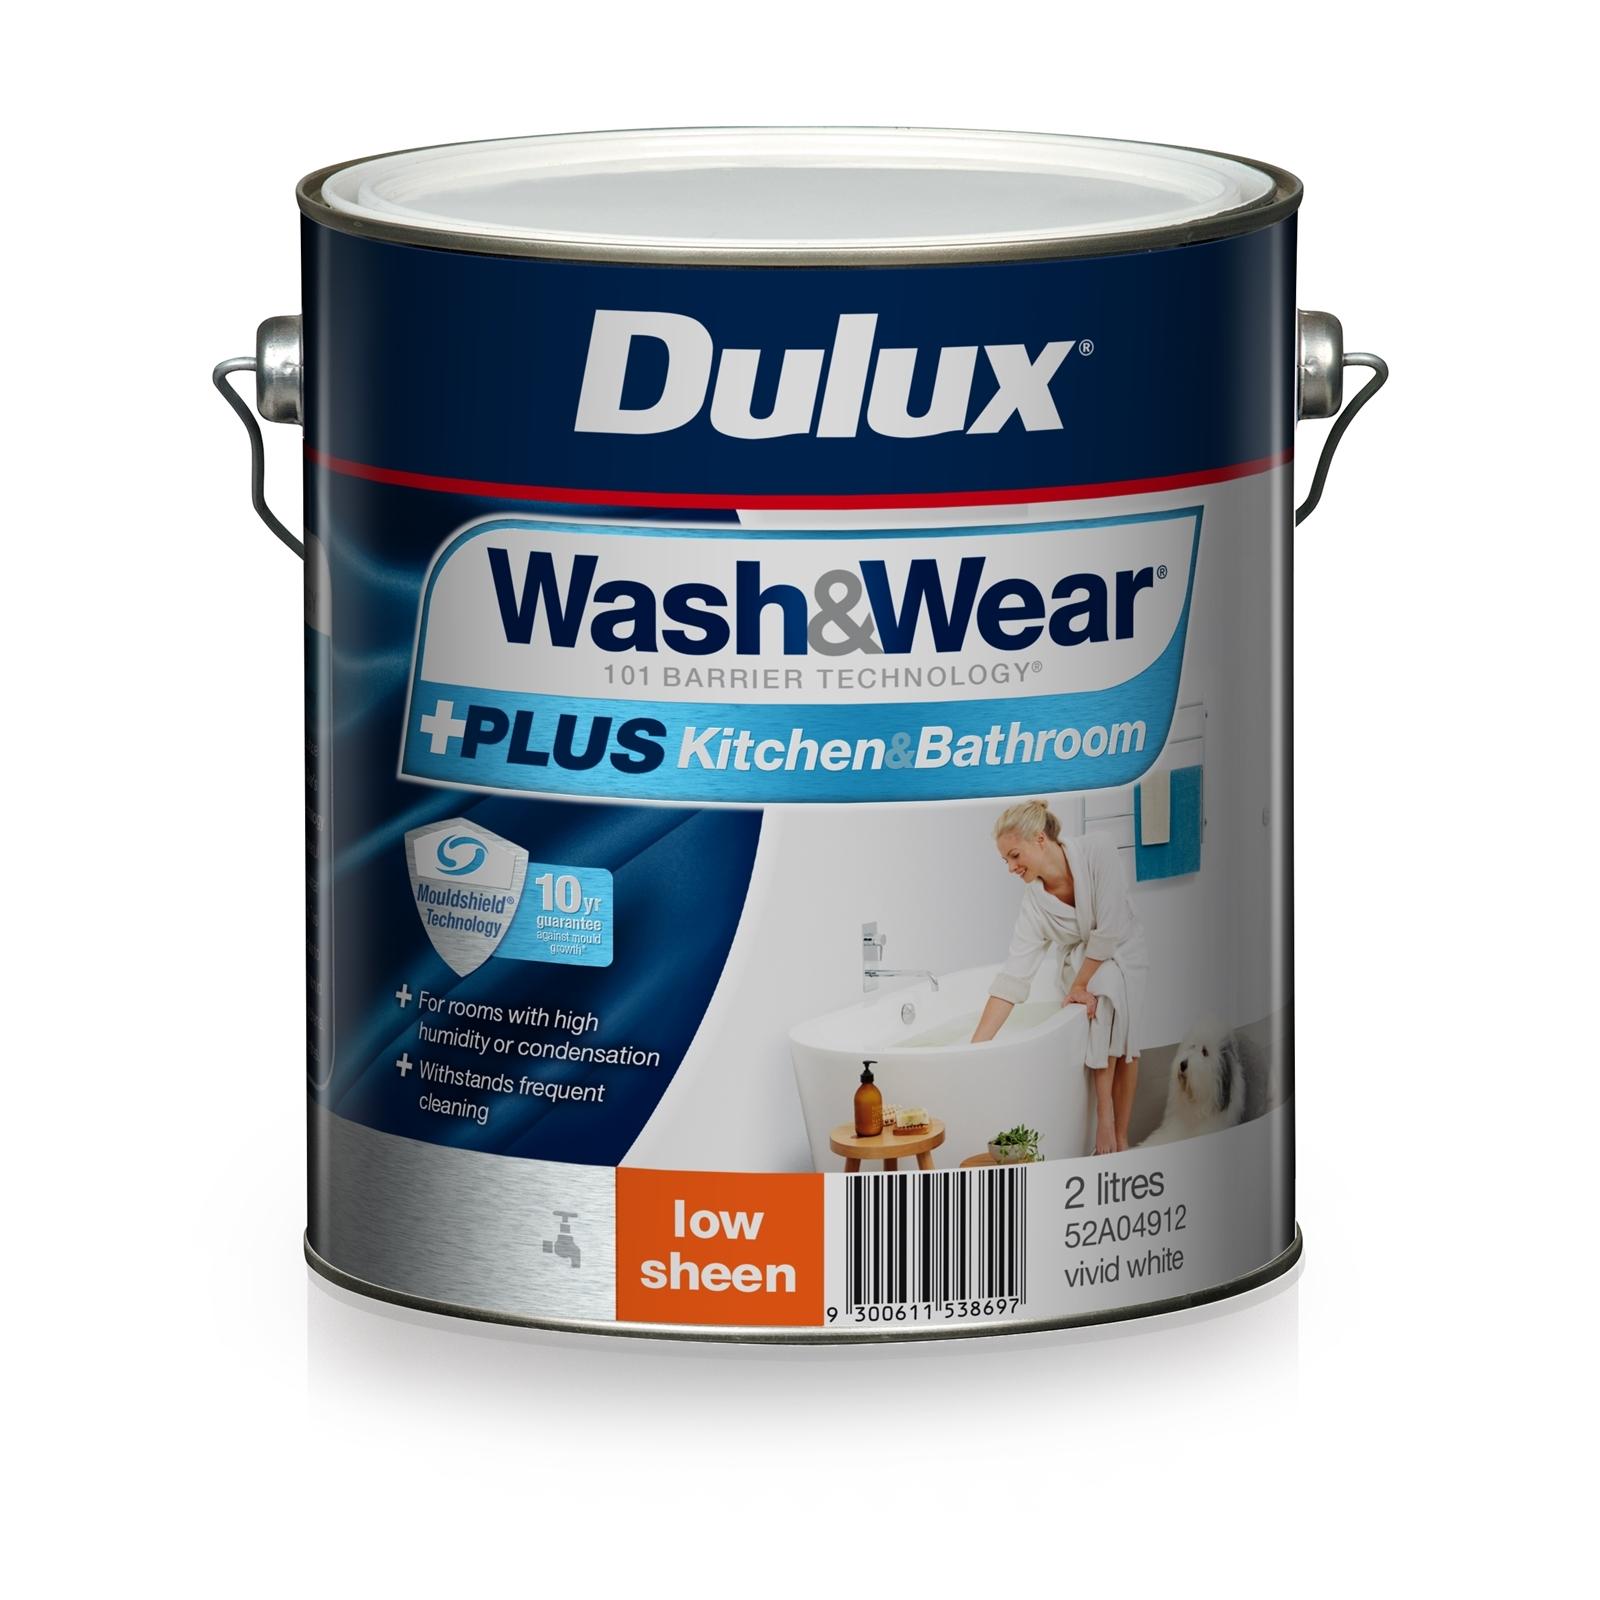 Dulux 2L Interior Paint Wash&Wear +PLUS Kitchen & Bathroom Low Sheen Vivid White